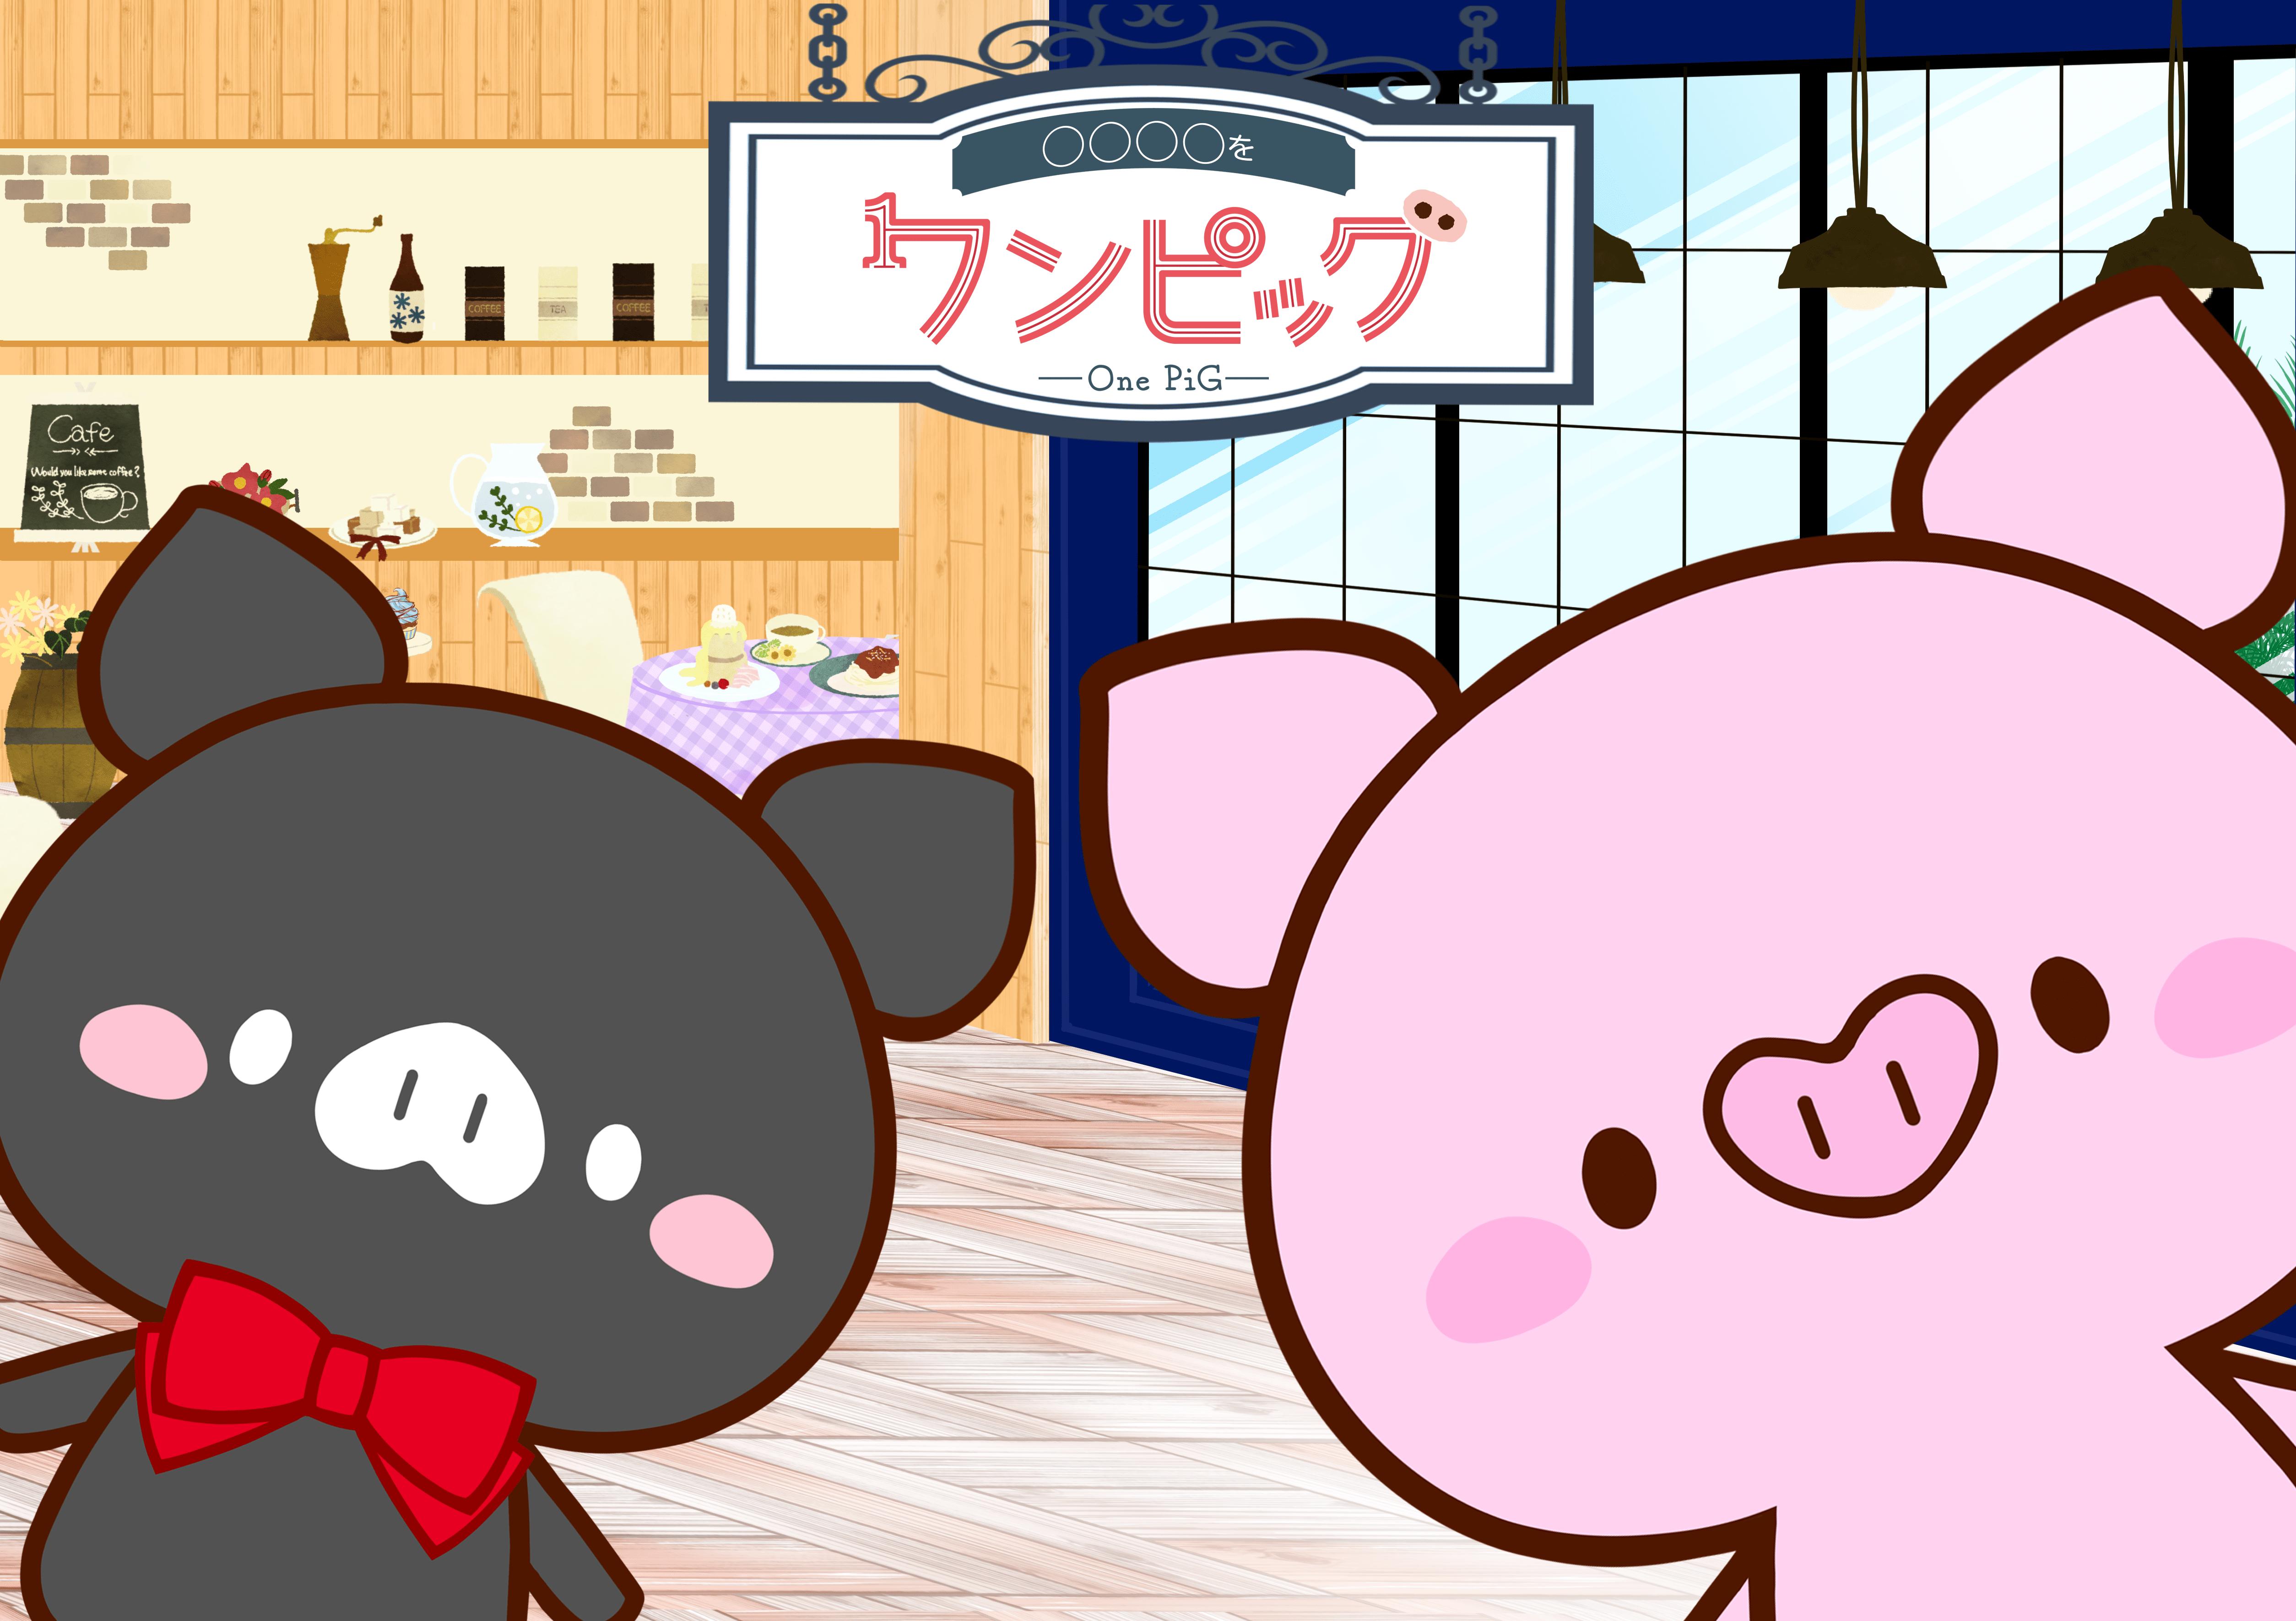 村田太志をワンピッグ(昼の部)